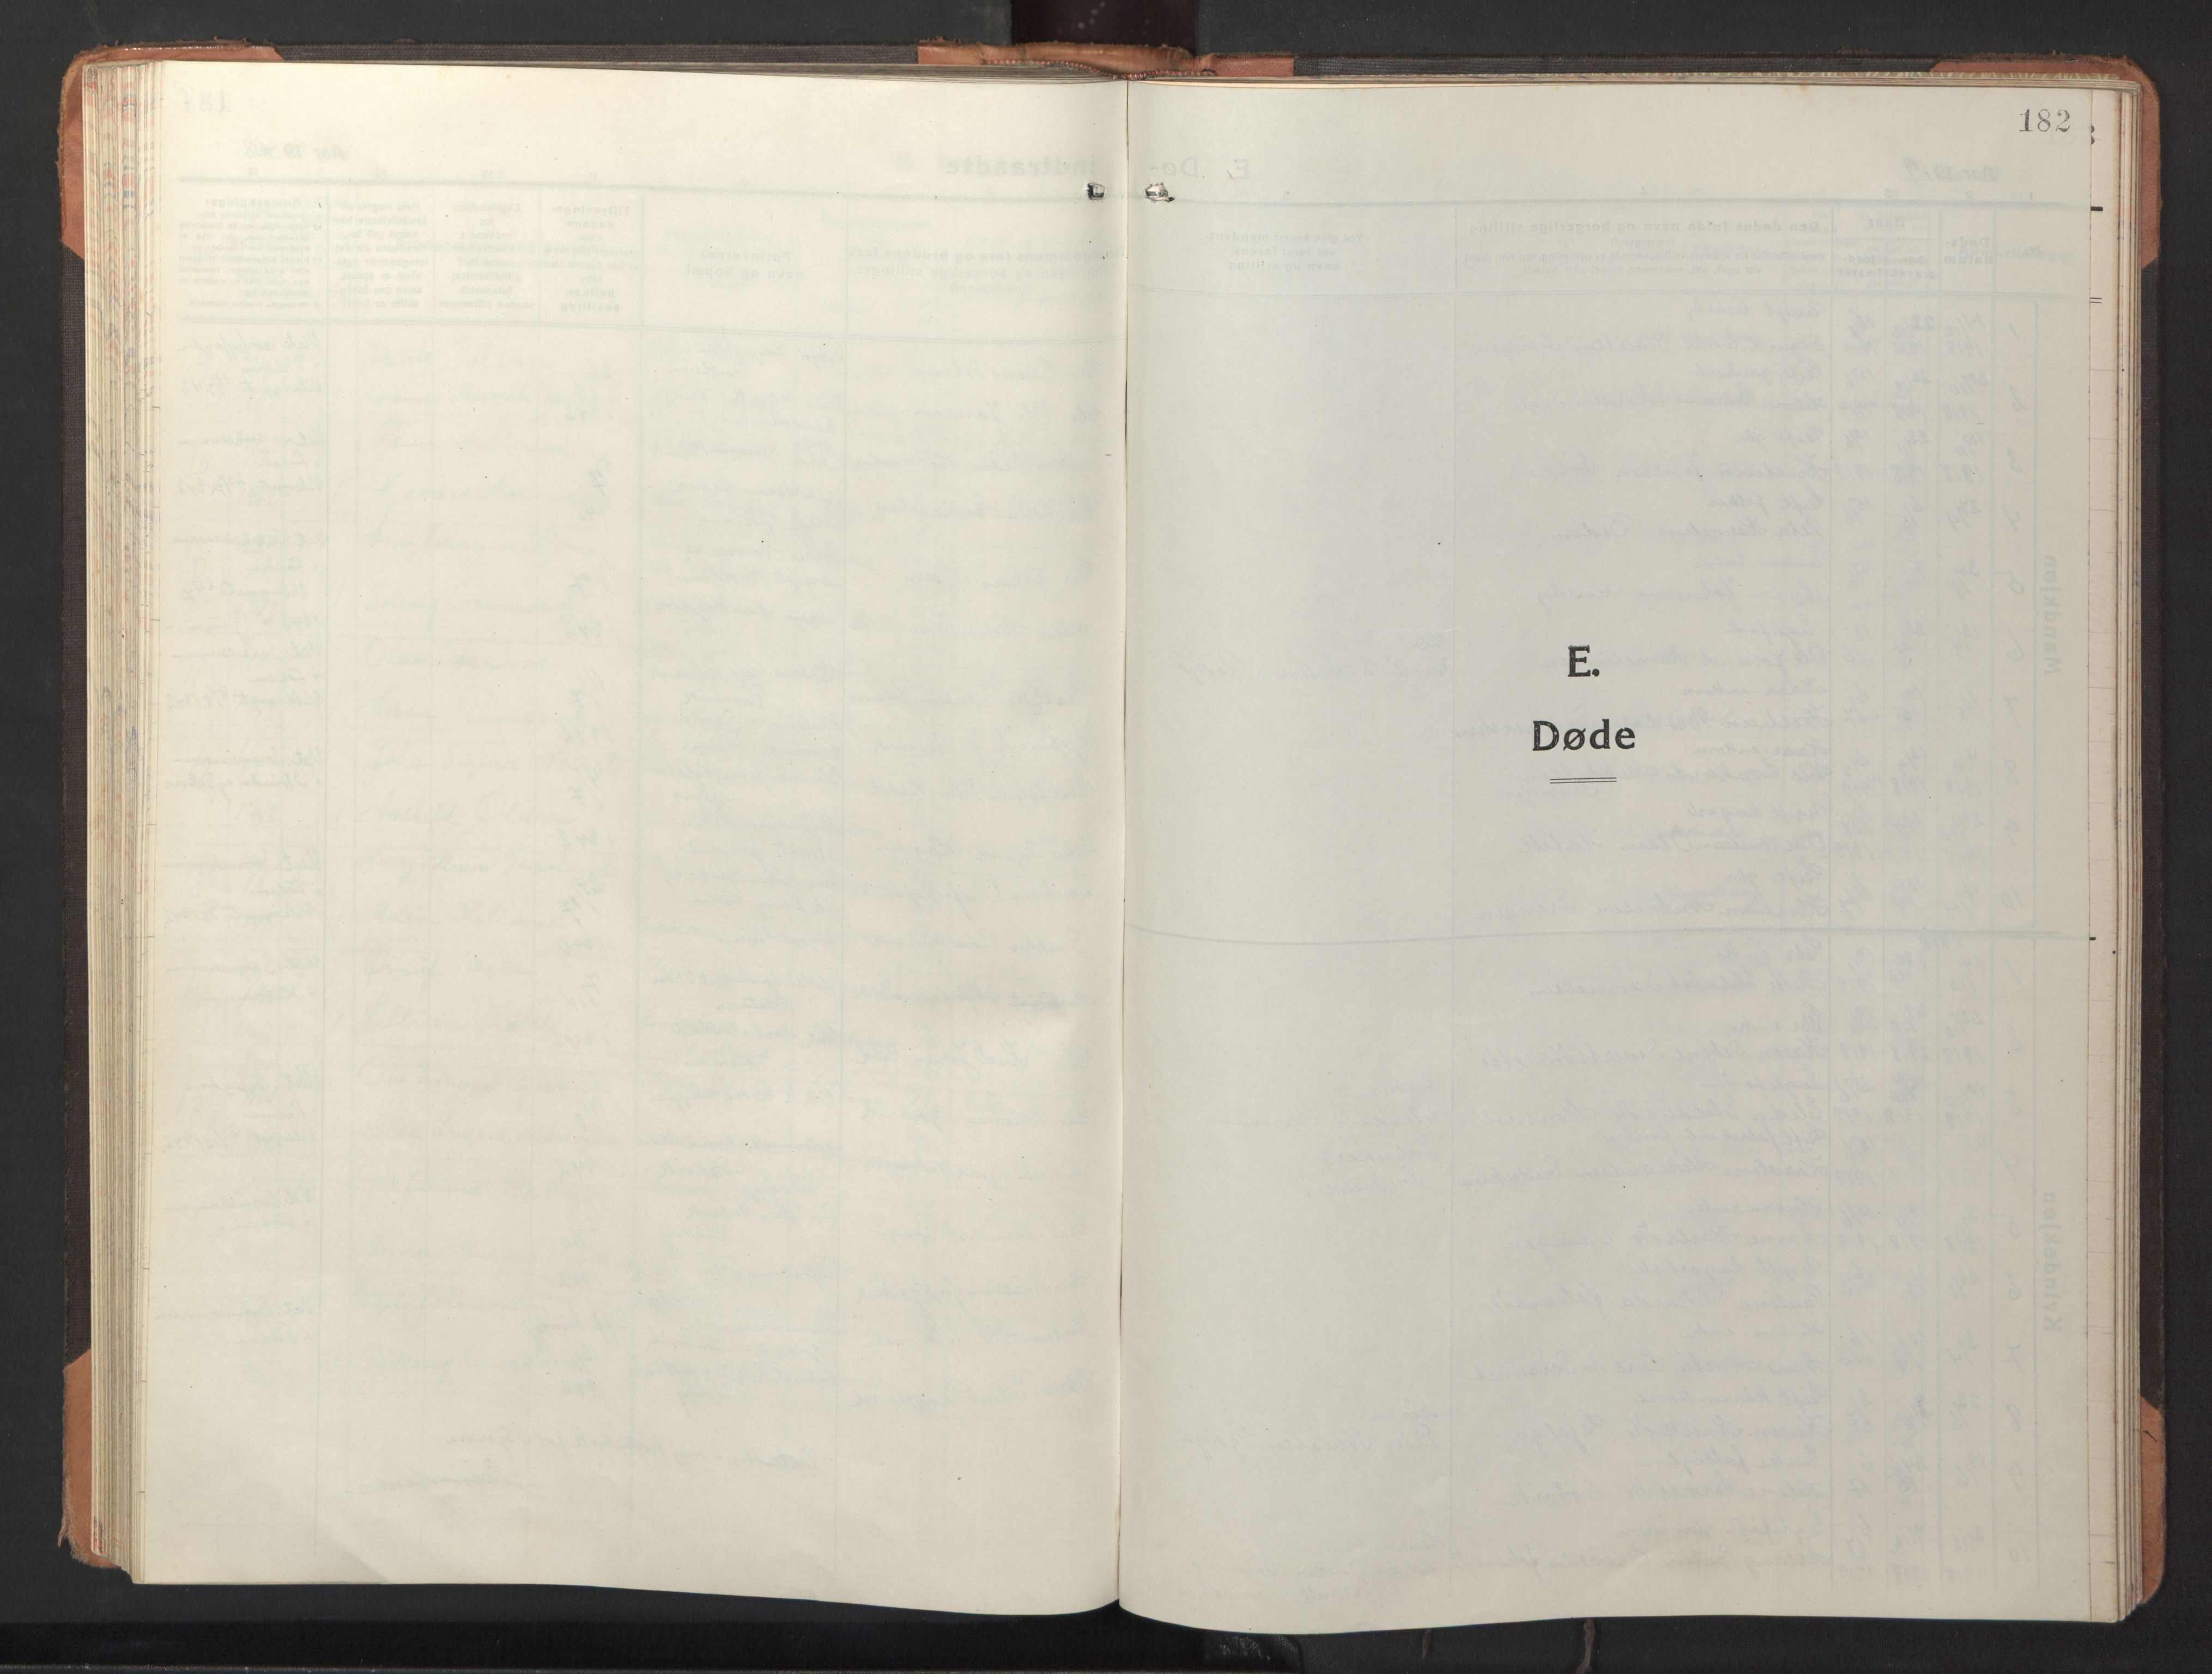 SAT, Ministerialprotokoller, klokkerbøker og fødselsregistre - Sør-Trøndelag, 653/L0658: Klokkerbok nr. 653C02, 1919-1947, s. 182